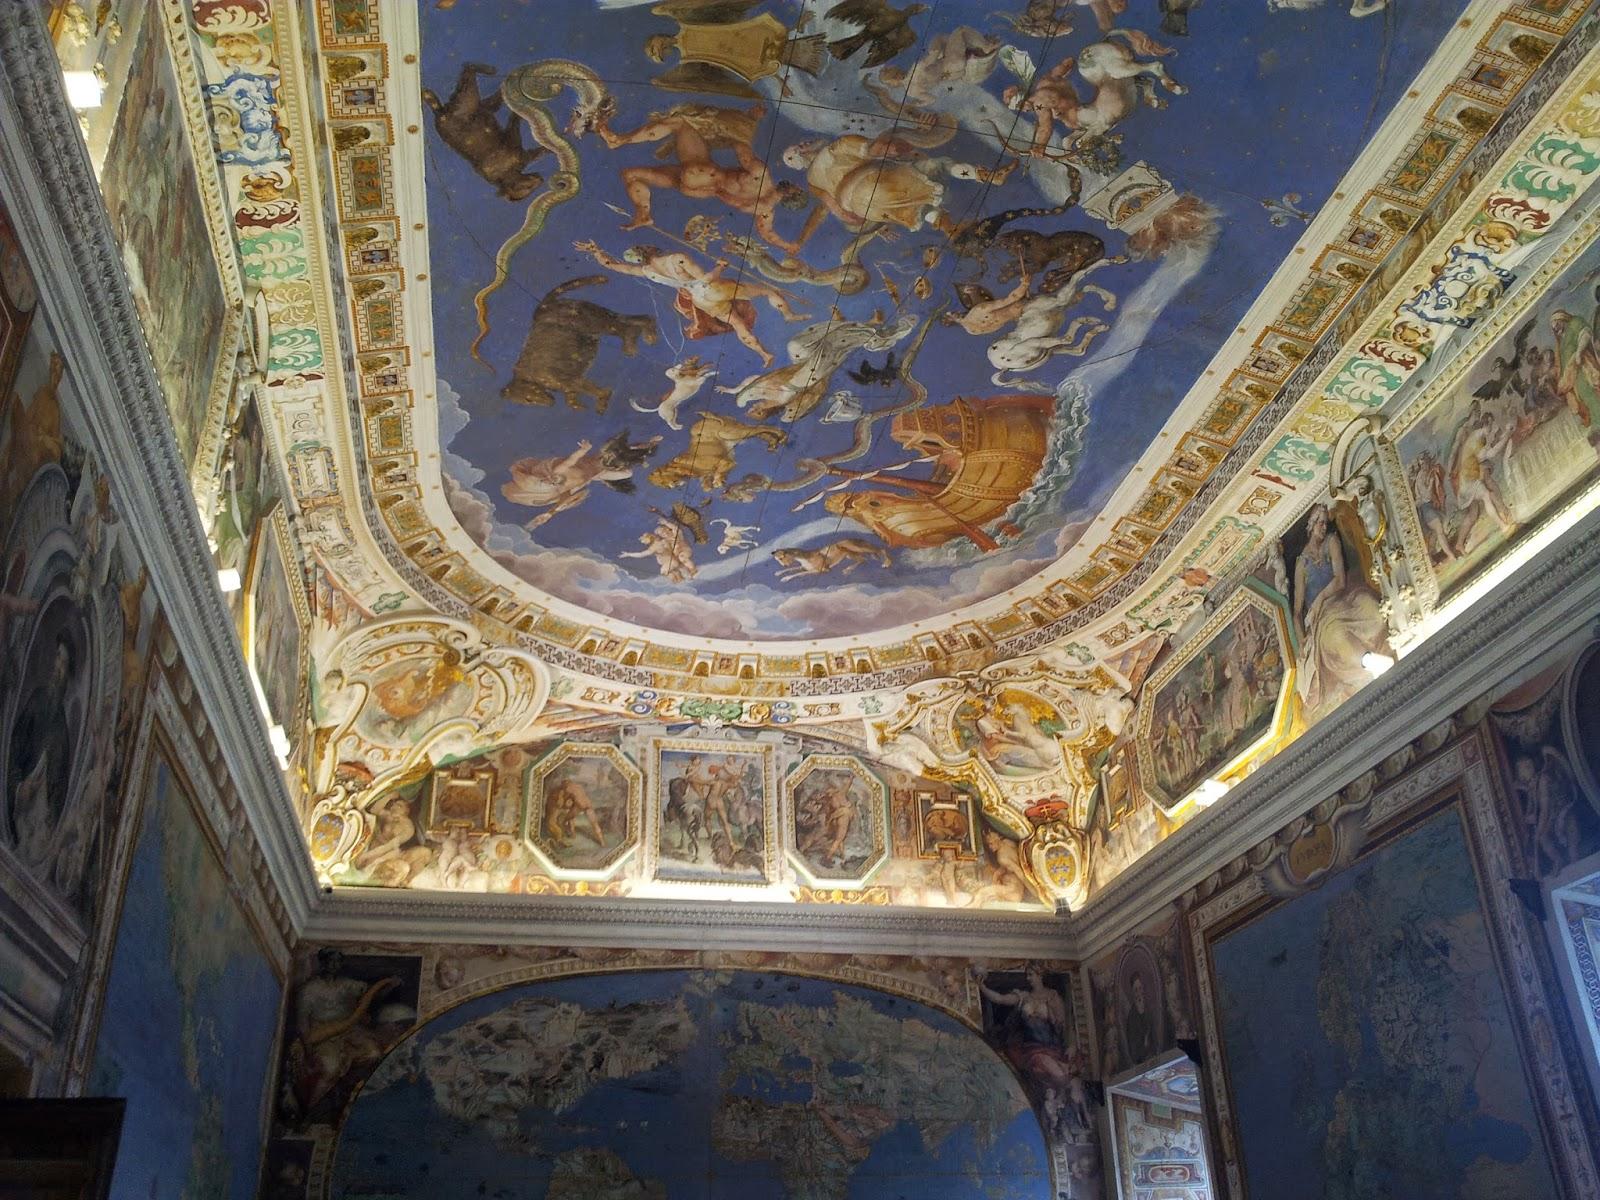 Soffitti A Volta Decorazioni : Dipinti murali a tempera